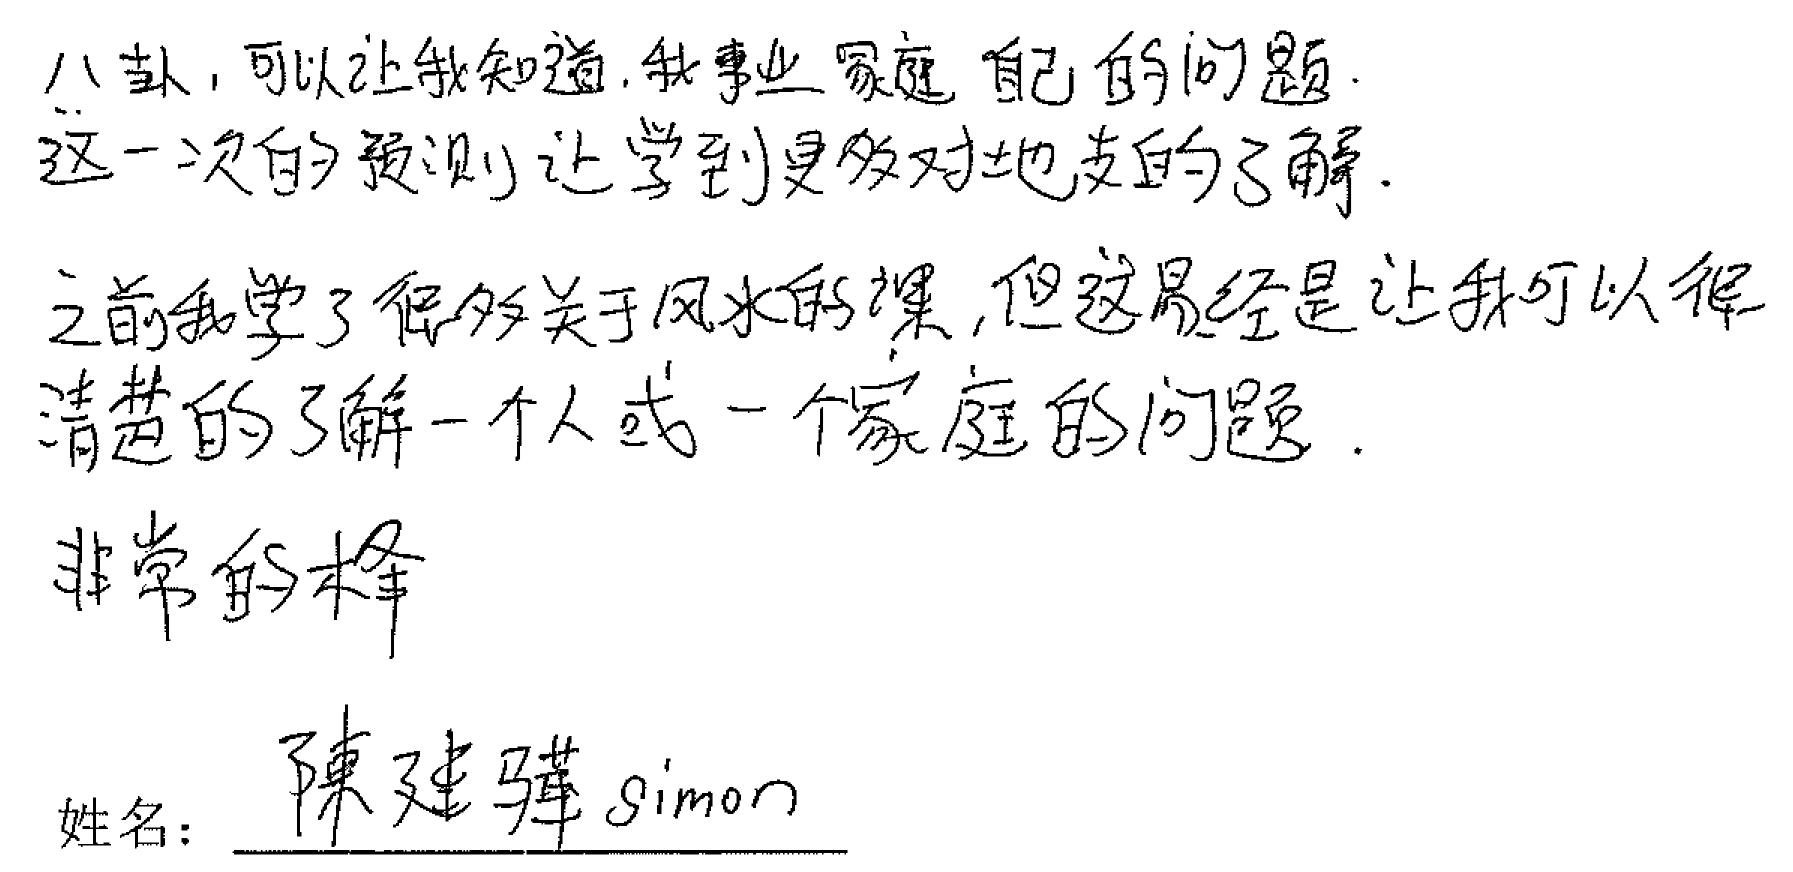 陳建驊Simon